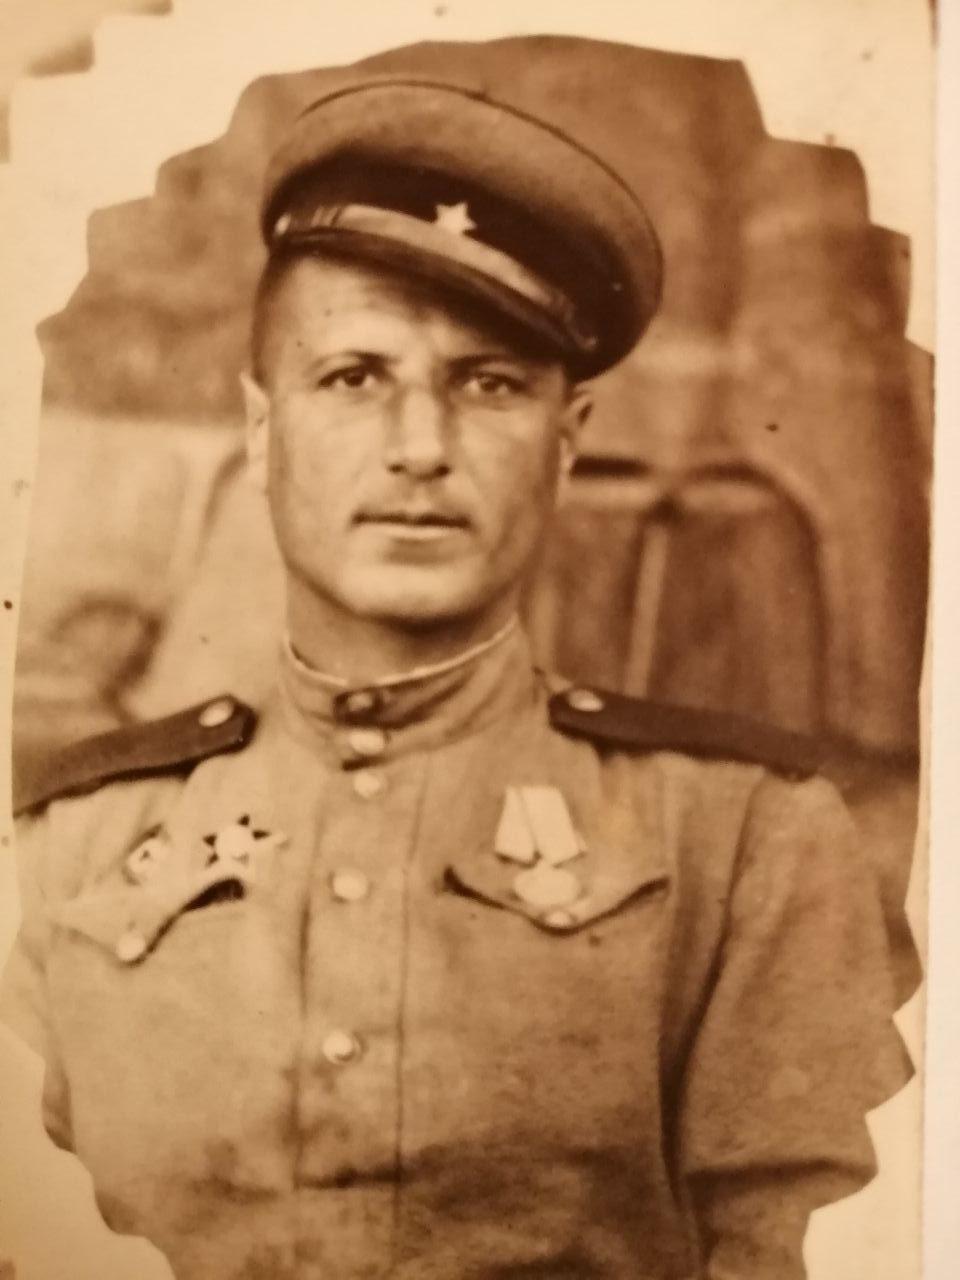 Jakiw Trusow